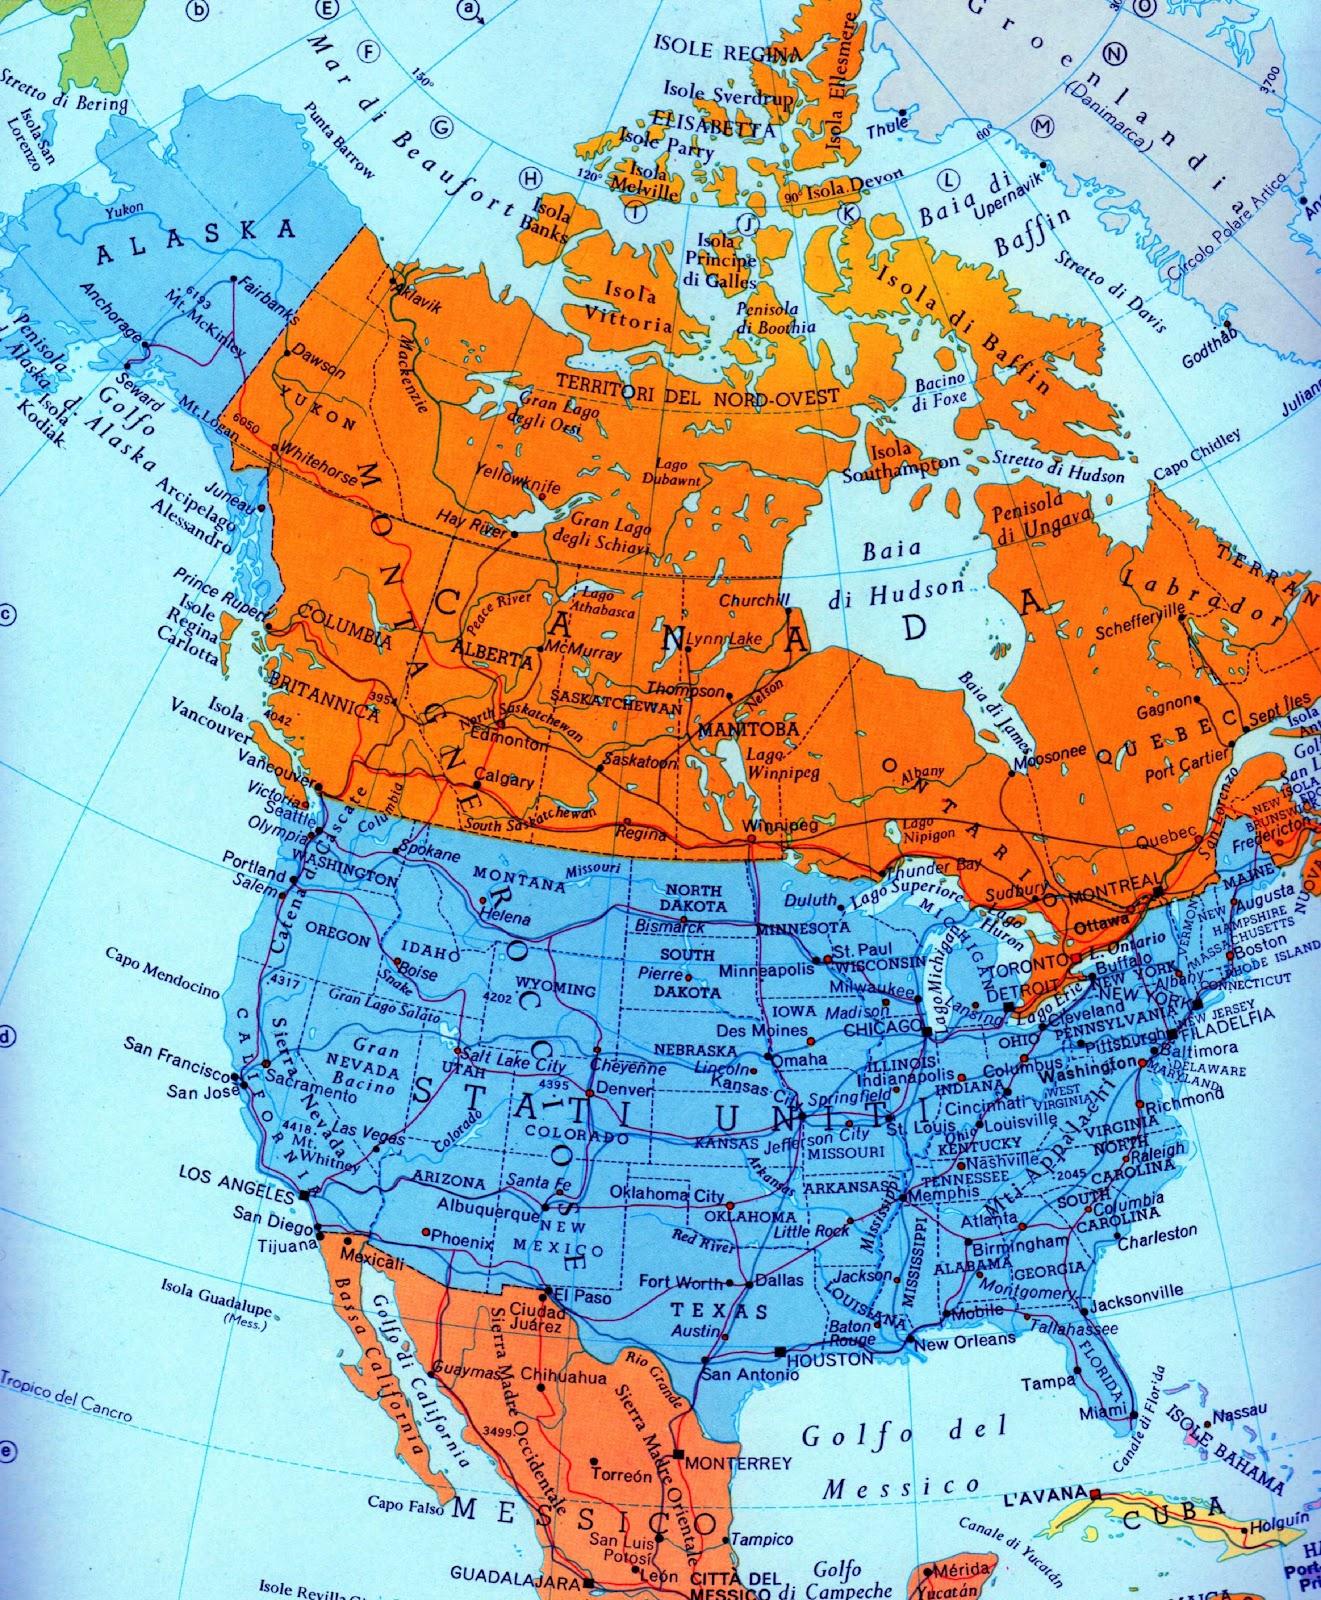 Cartina Geografica Usa Politica.Economia Economia Politica 1 Nel Mondo Occidentale Dal 1900 Al